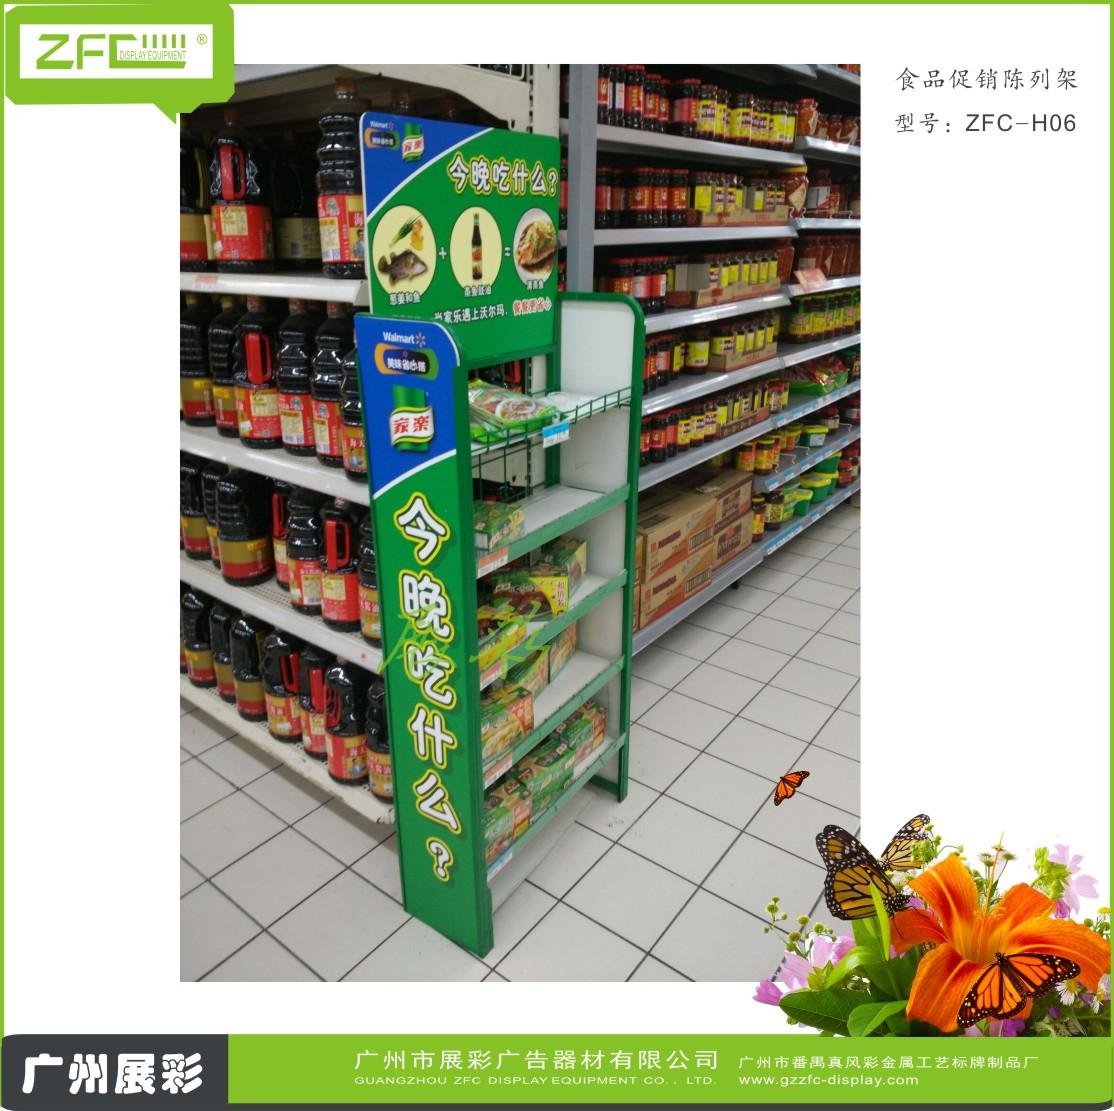 食品金属陈列架ZFC-H06